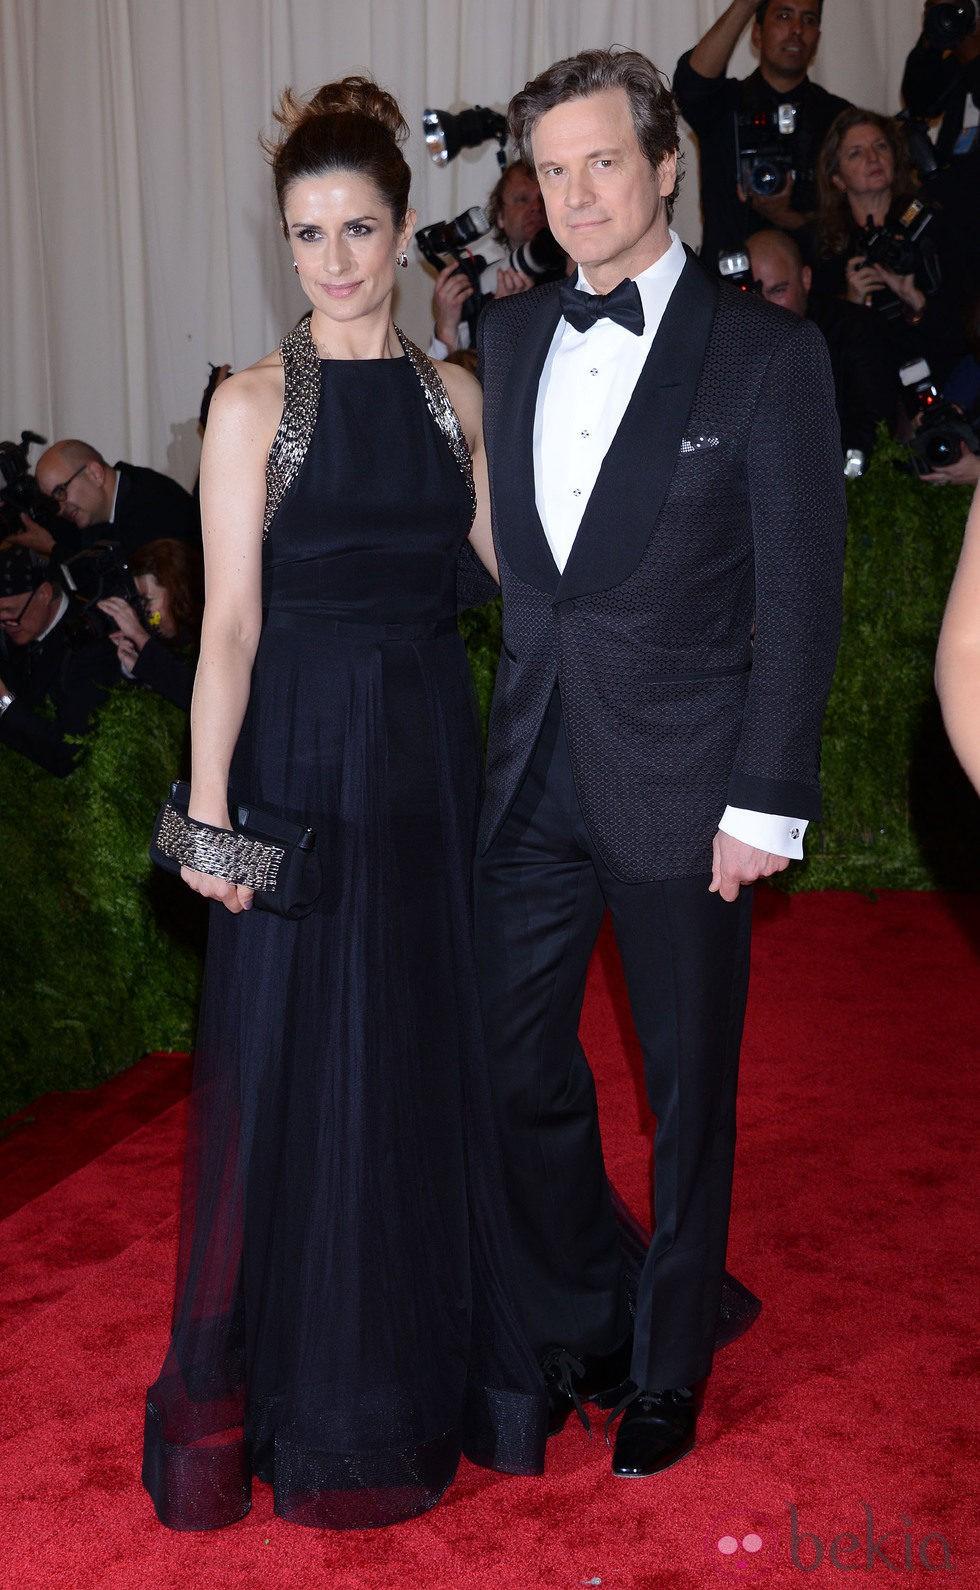 Colin Firth y Livia Giuggioli en la Gala del MET 2013